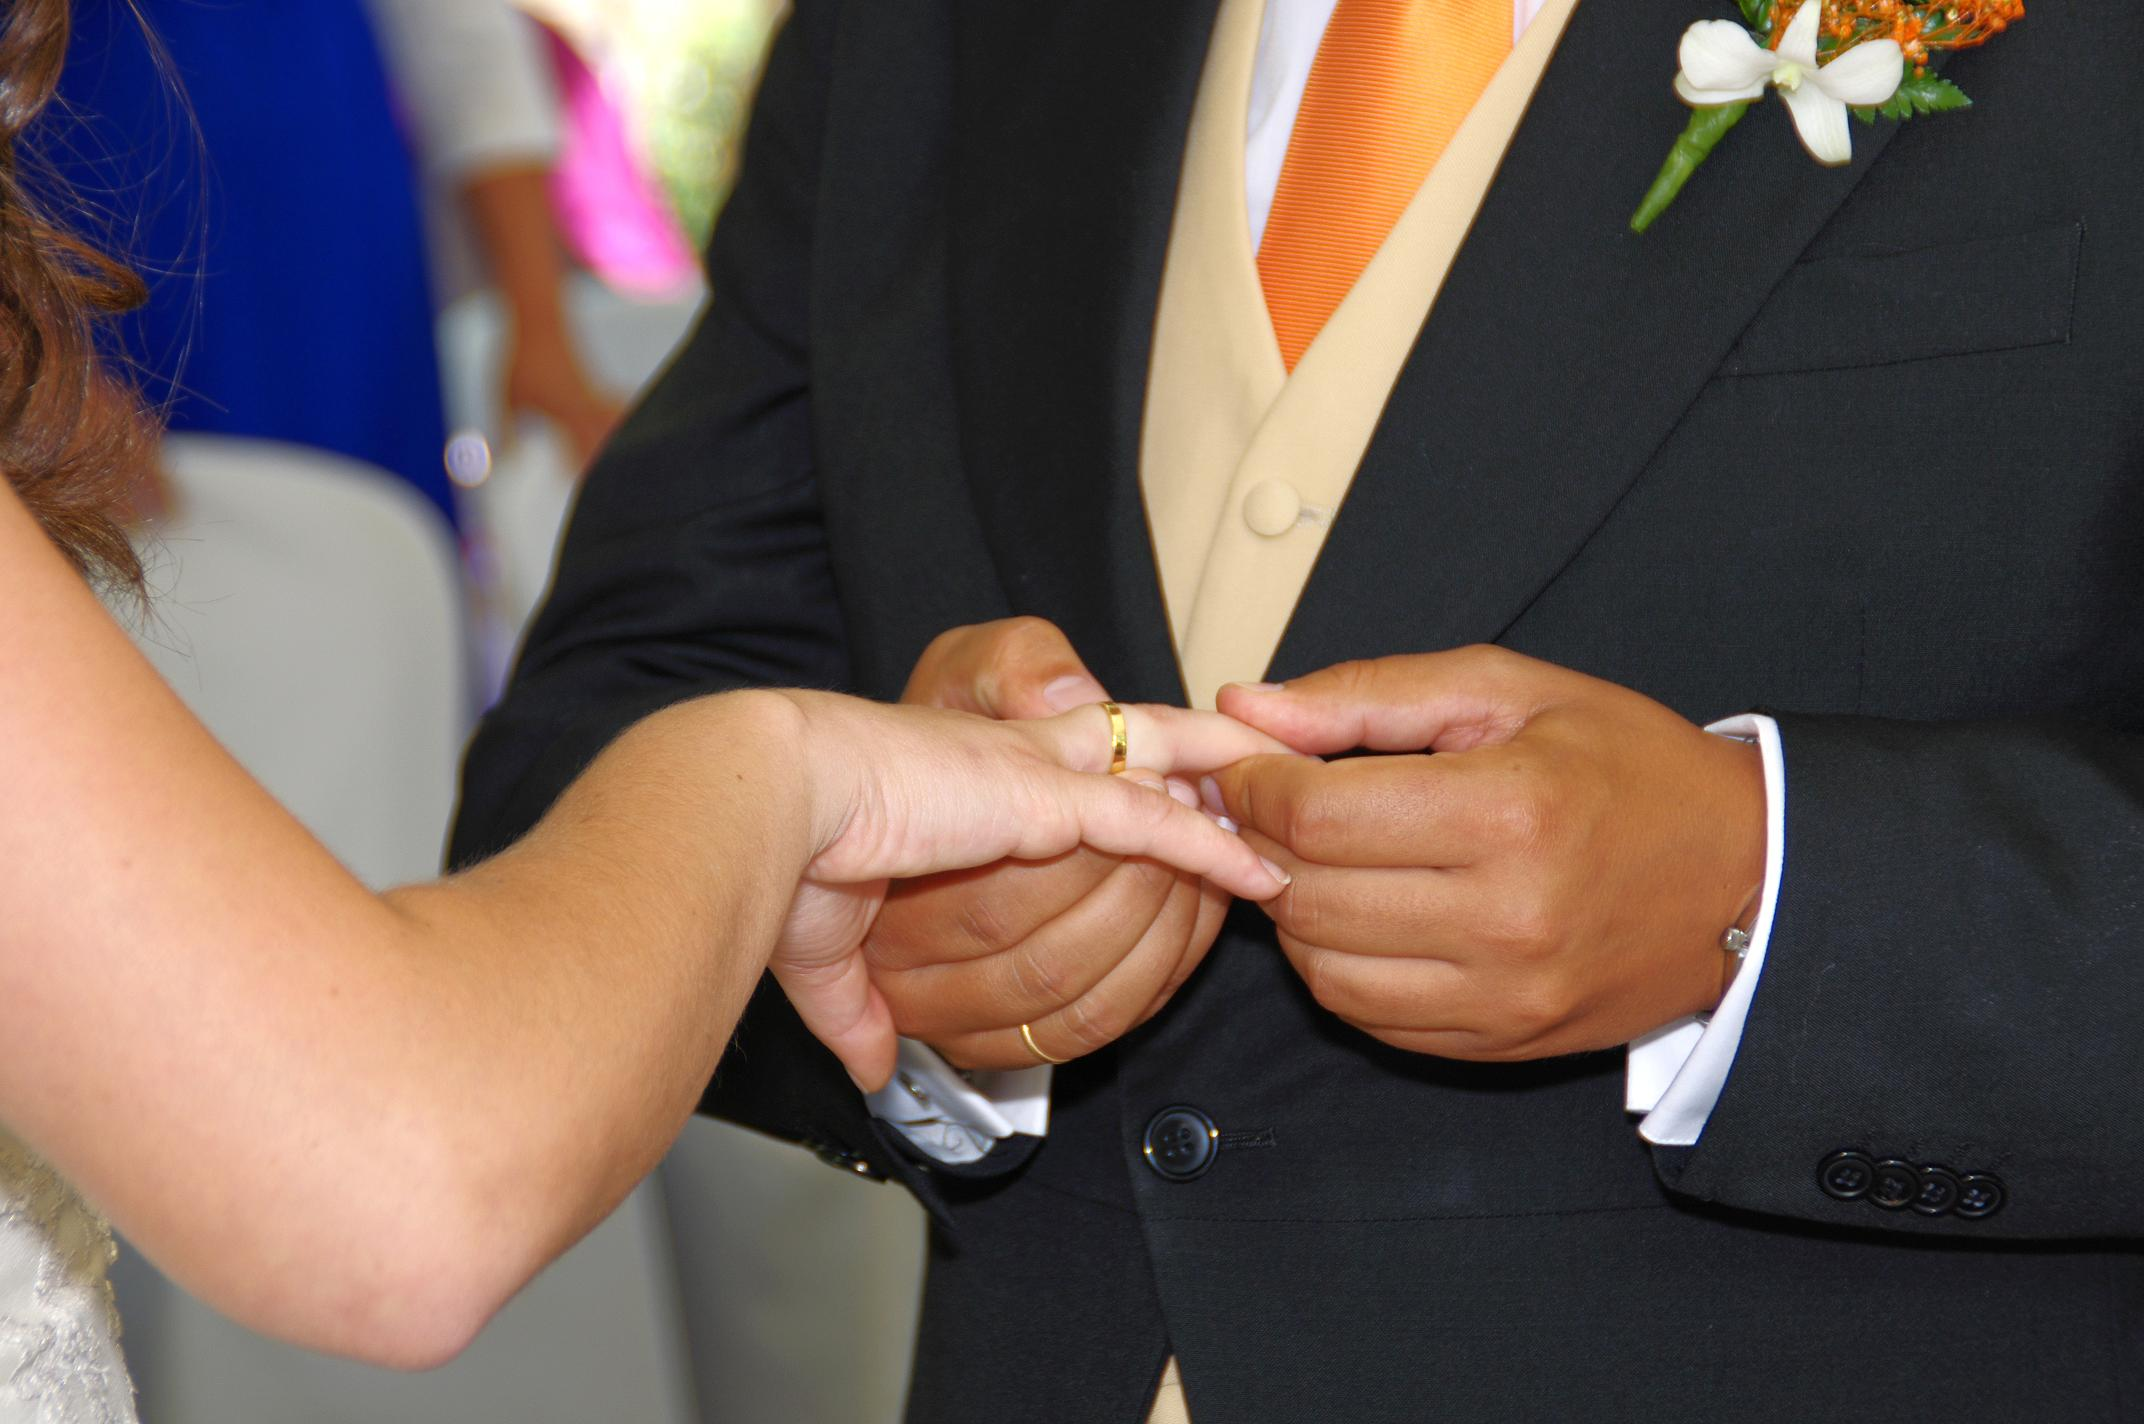 Matrimonio Catolico Valido : Diez cosas que los católicos deben saber sobre el matrimonio